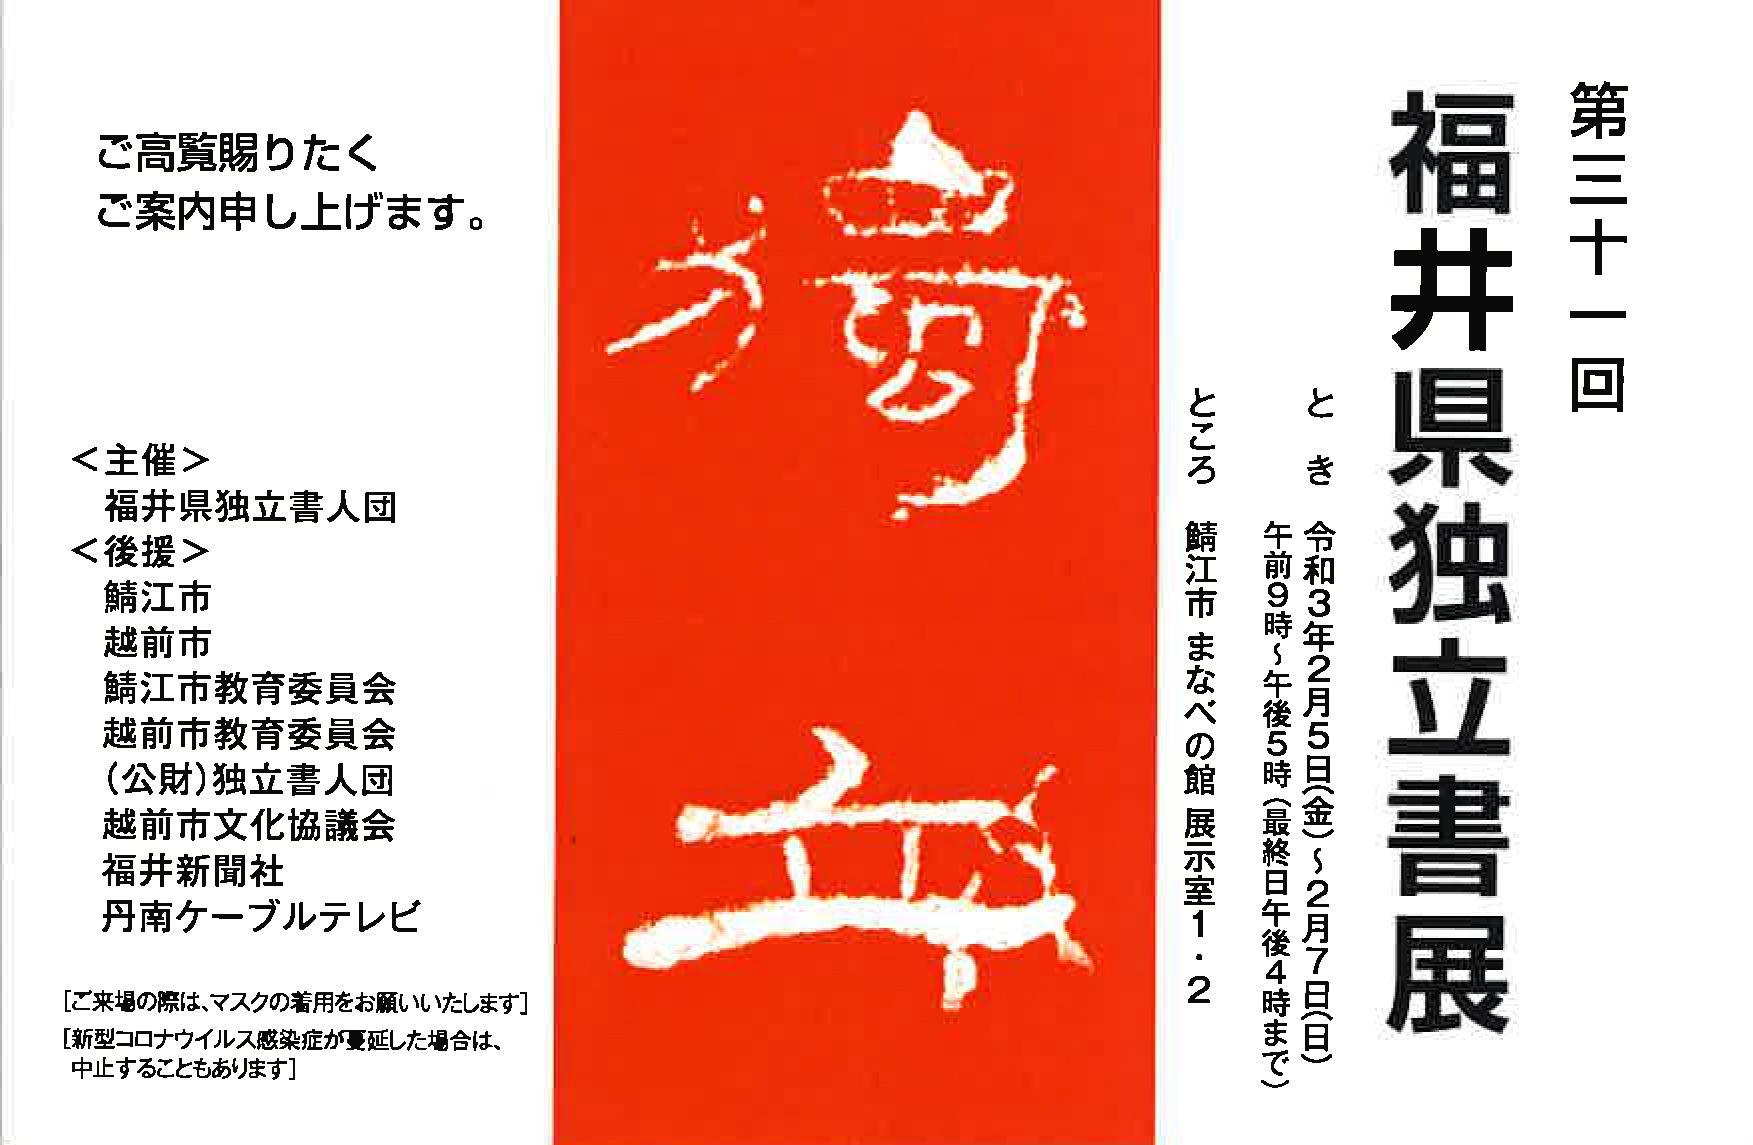 【展覧会情報】第31回福井県独立書展